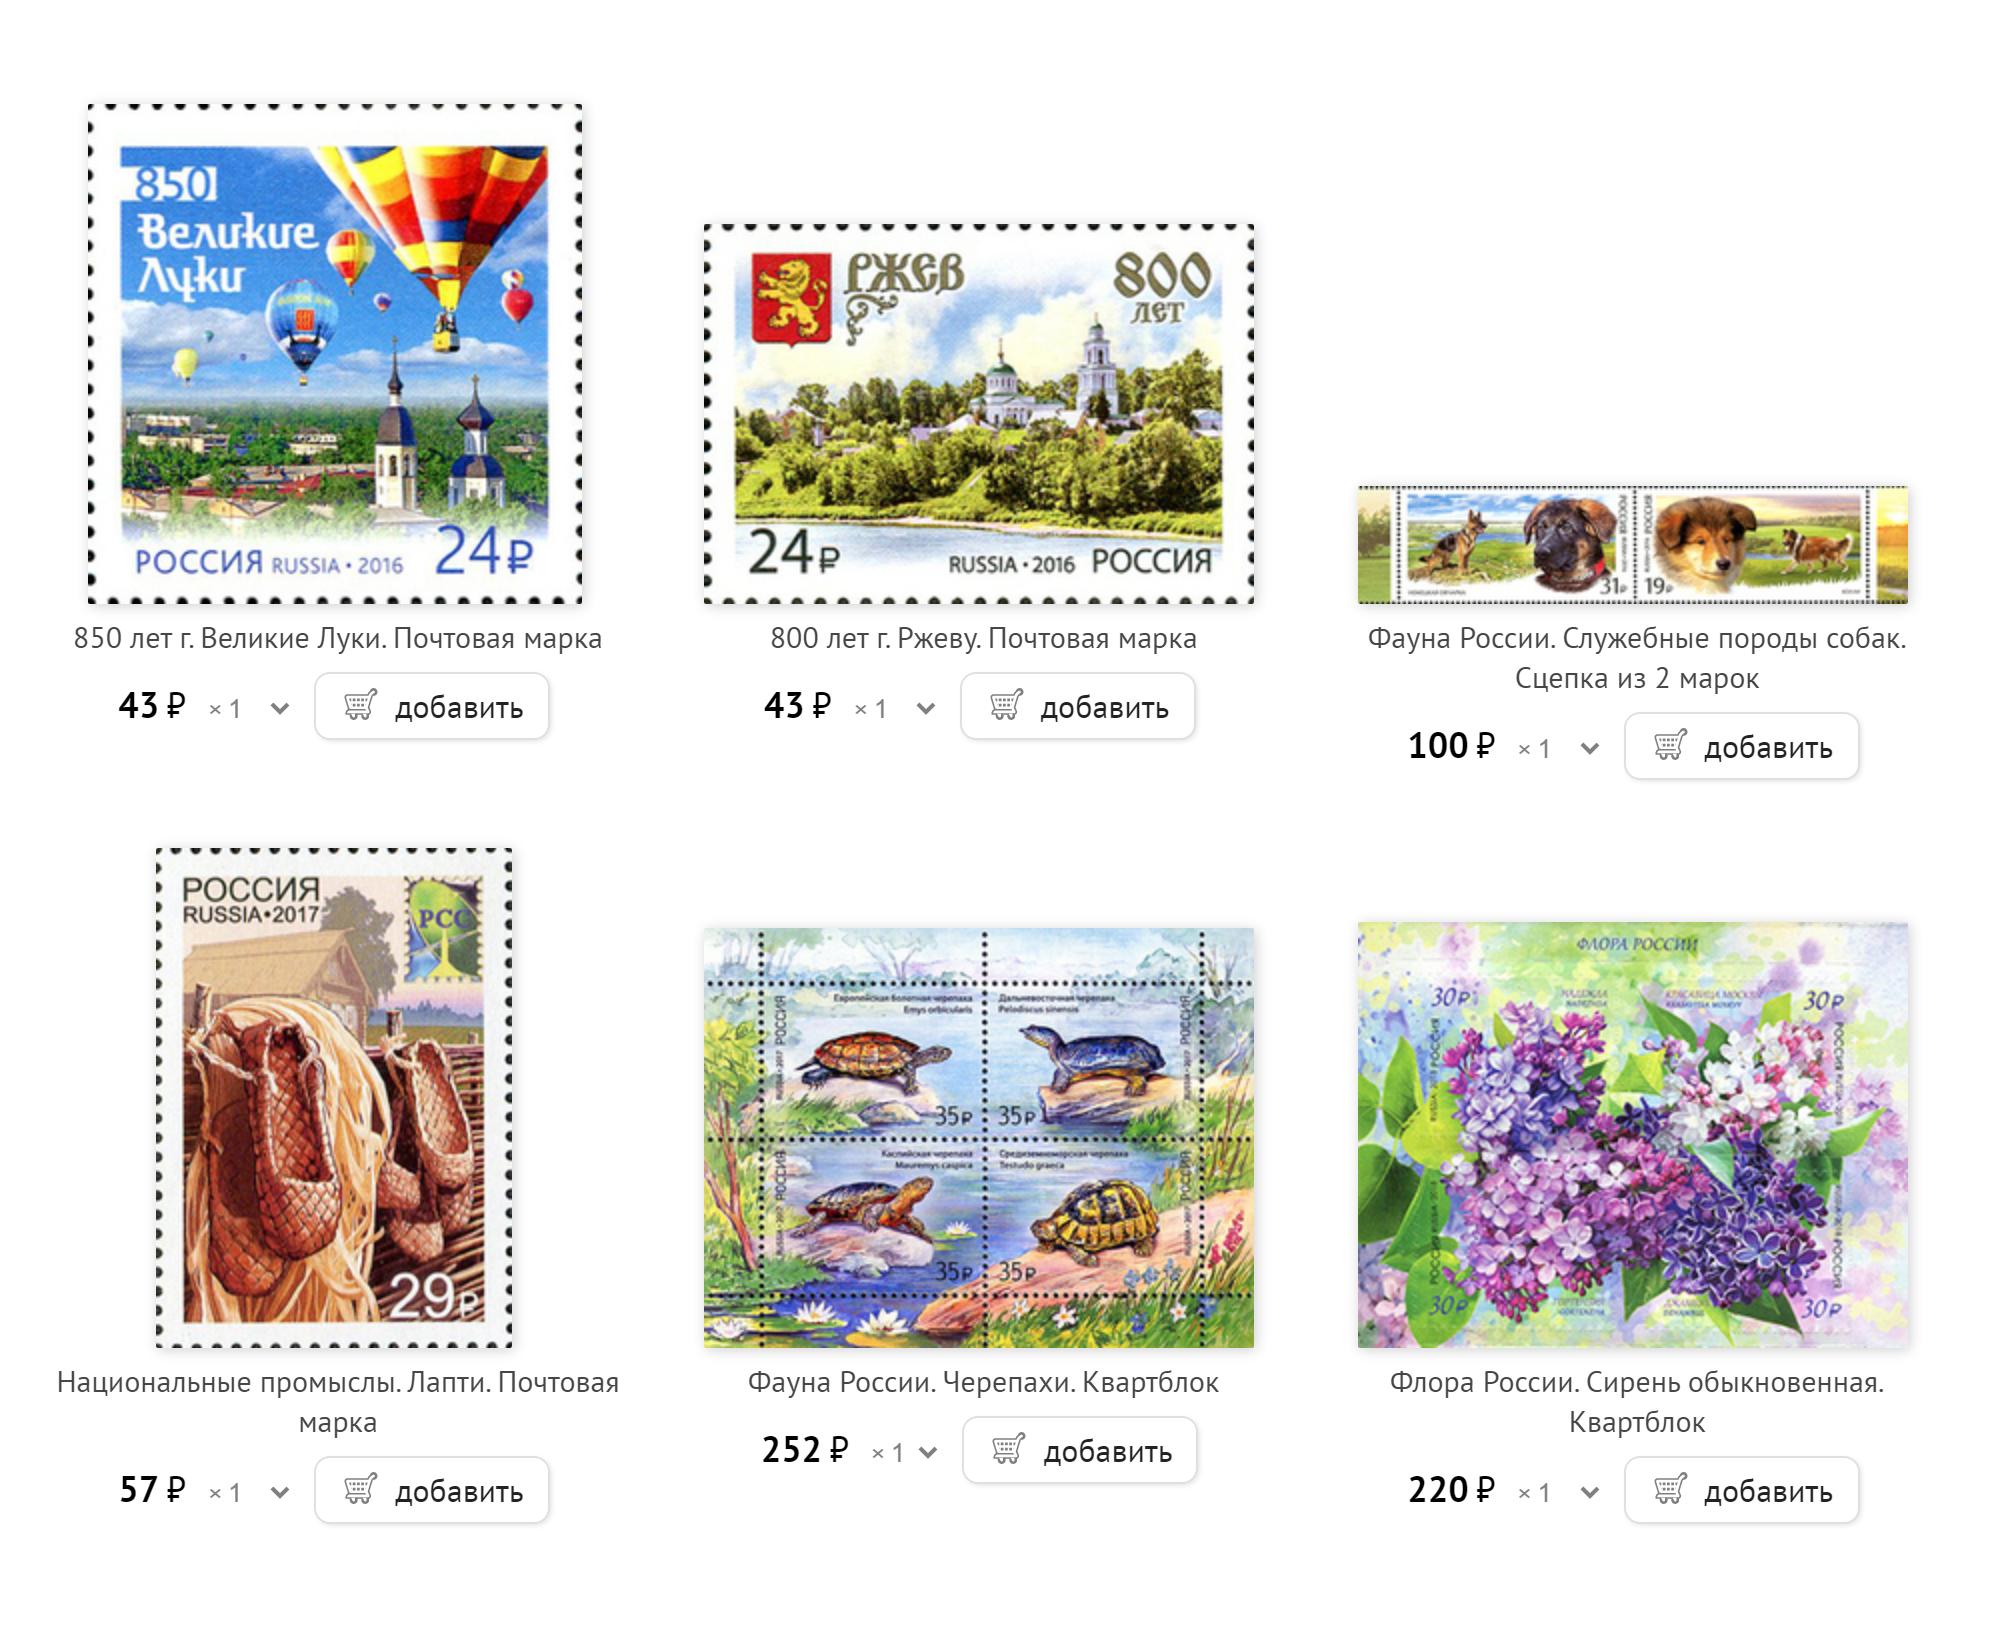 В магазинах дляпосткроссеров марки обычно дороже номинала